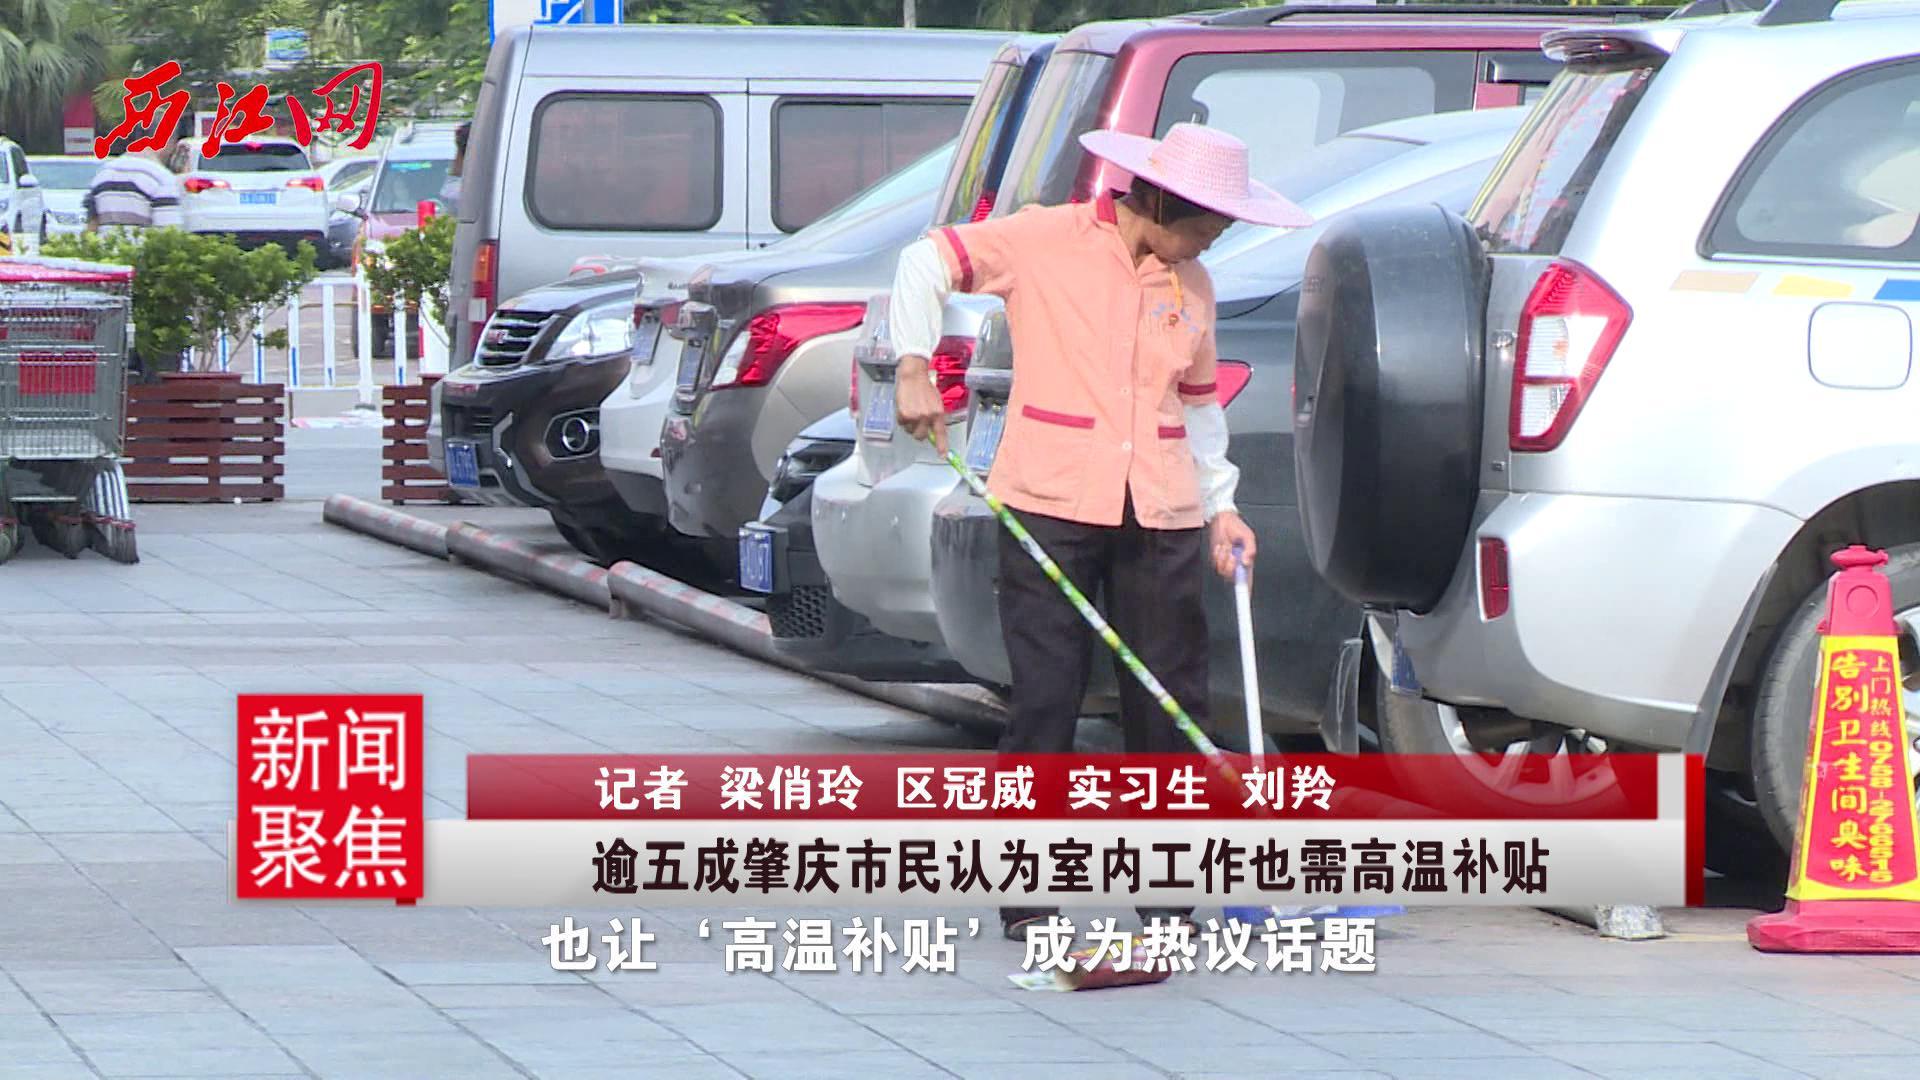 逾五成肇庆市民认为室内工作也需高温补贴